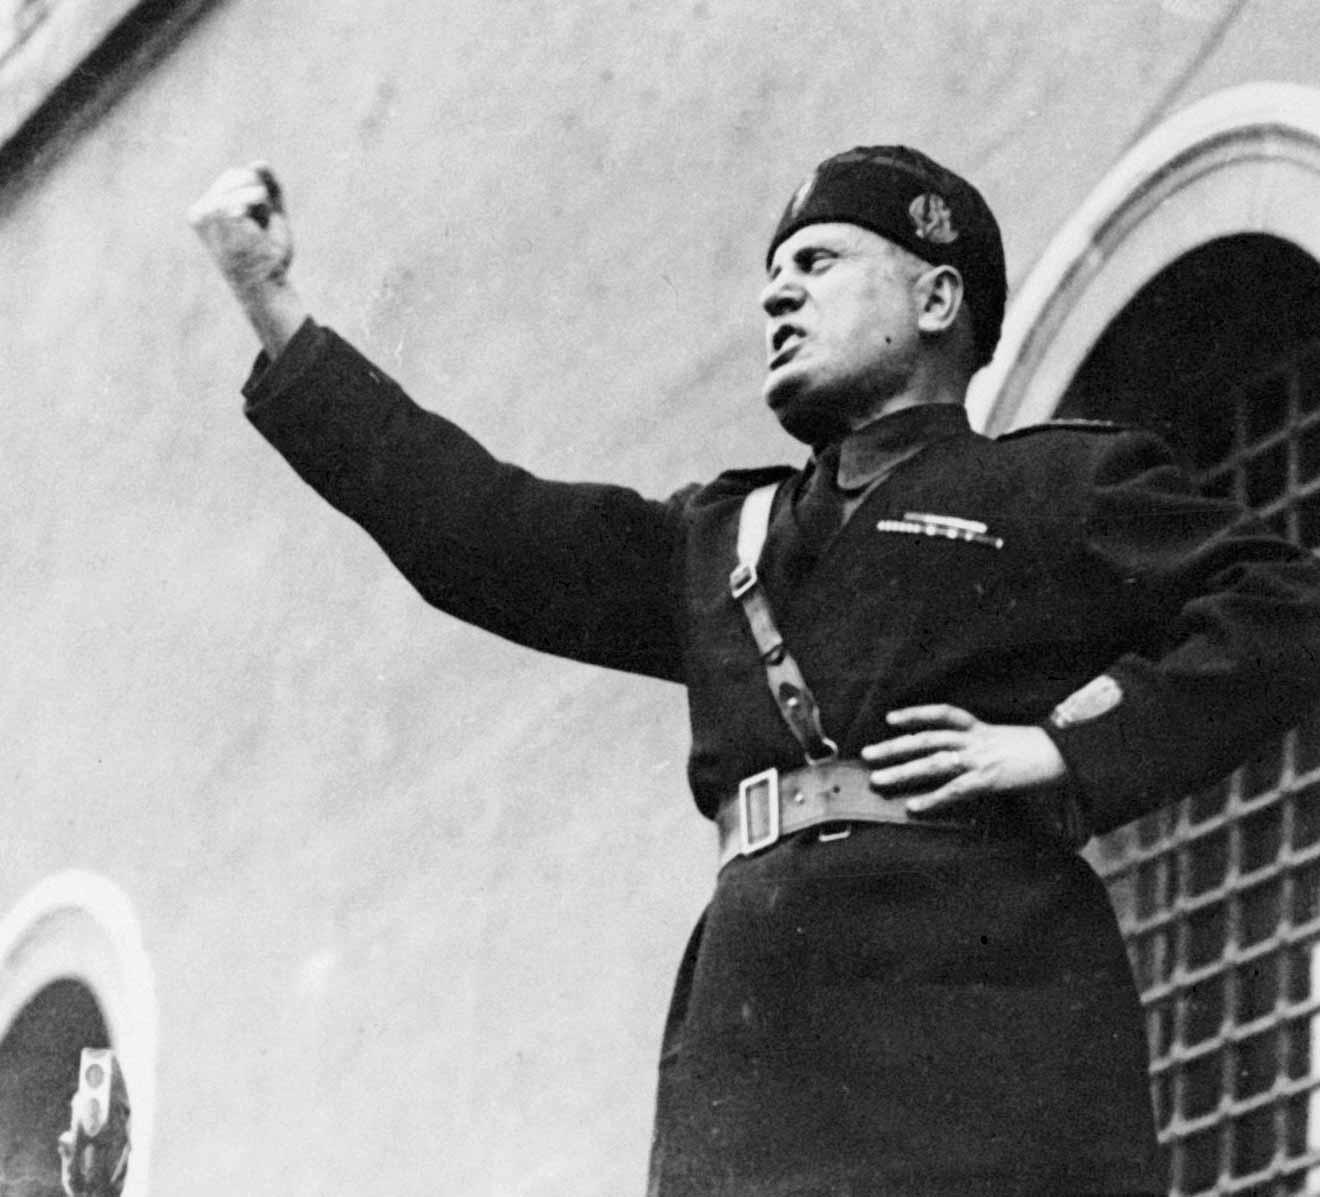 Image: Benito Mussolini